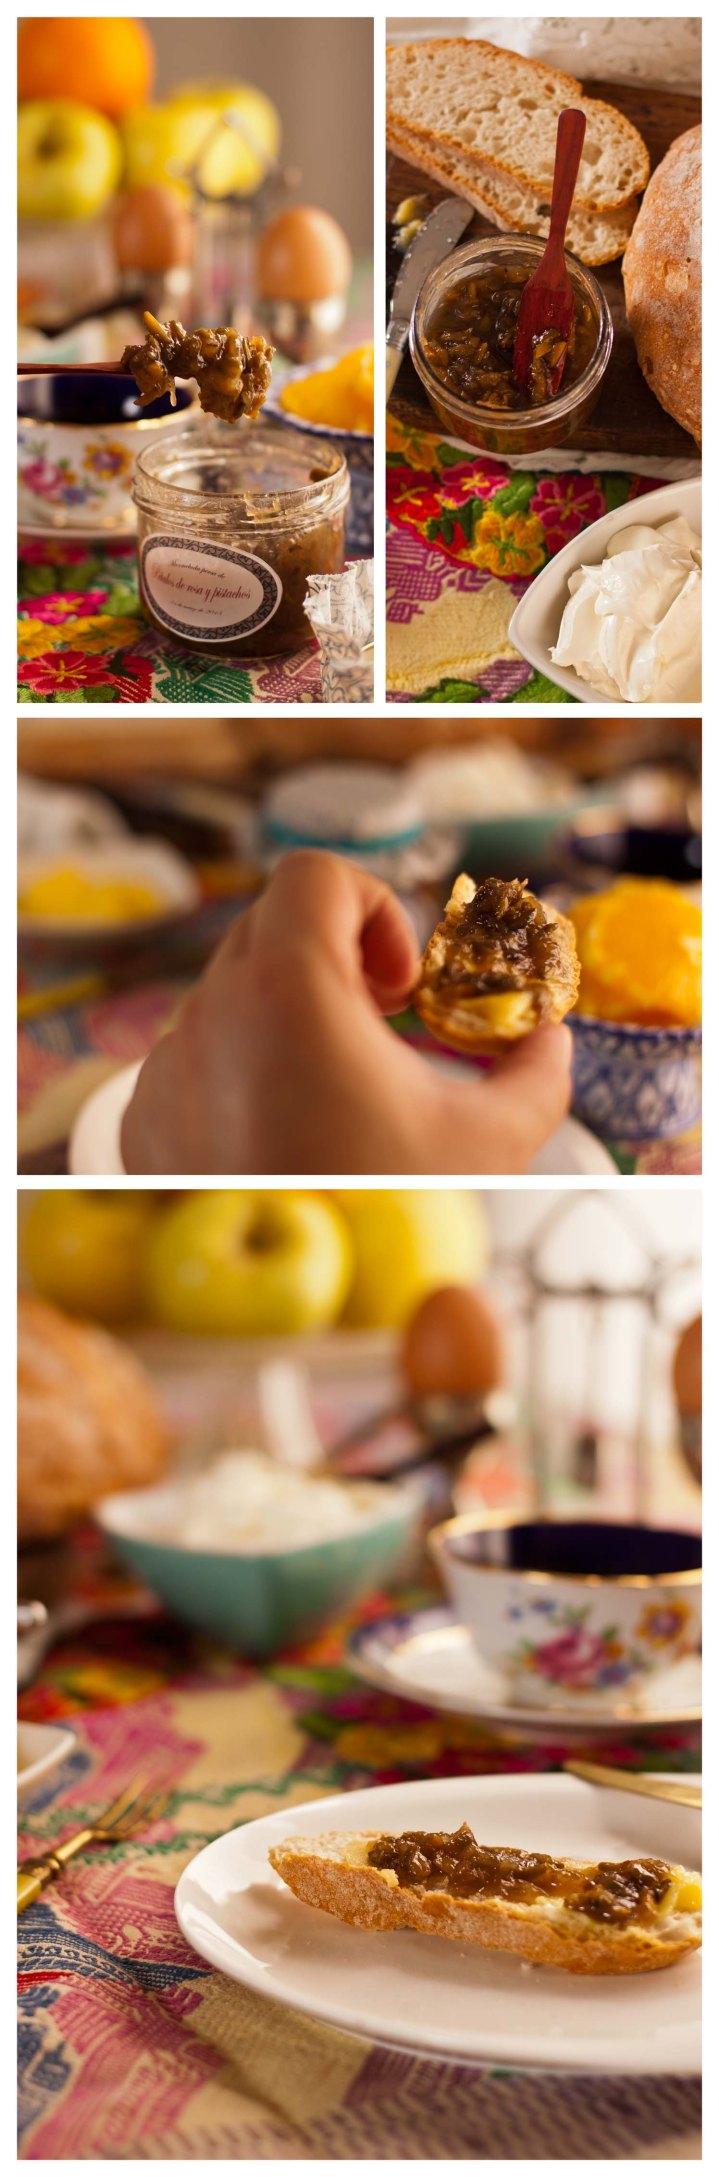 Un desayuno persa_1